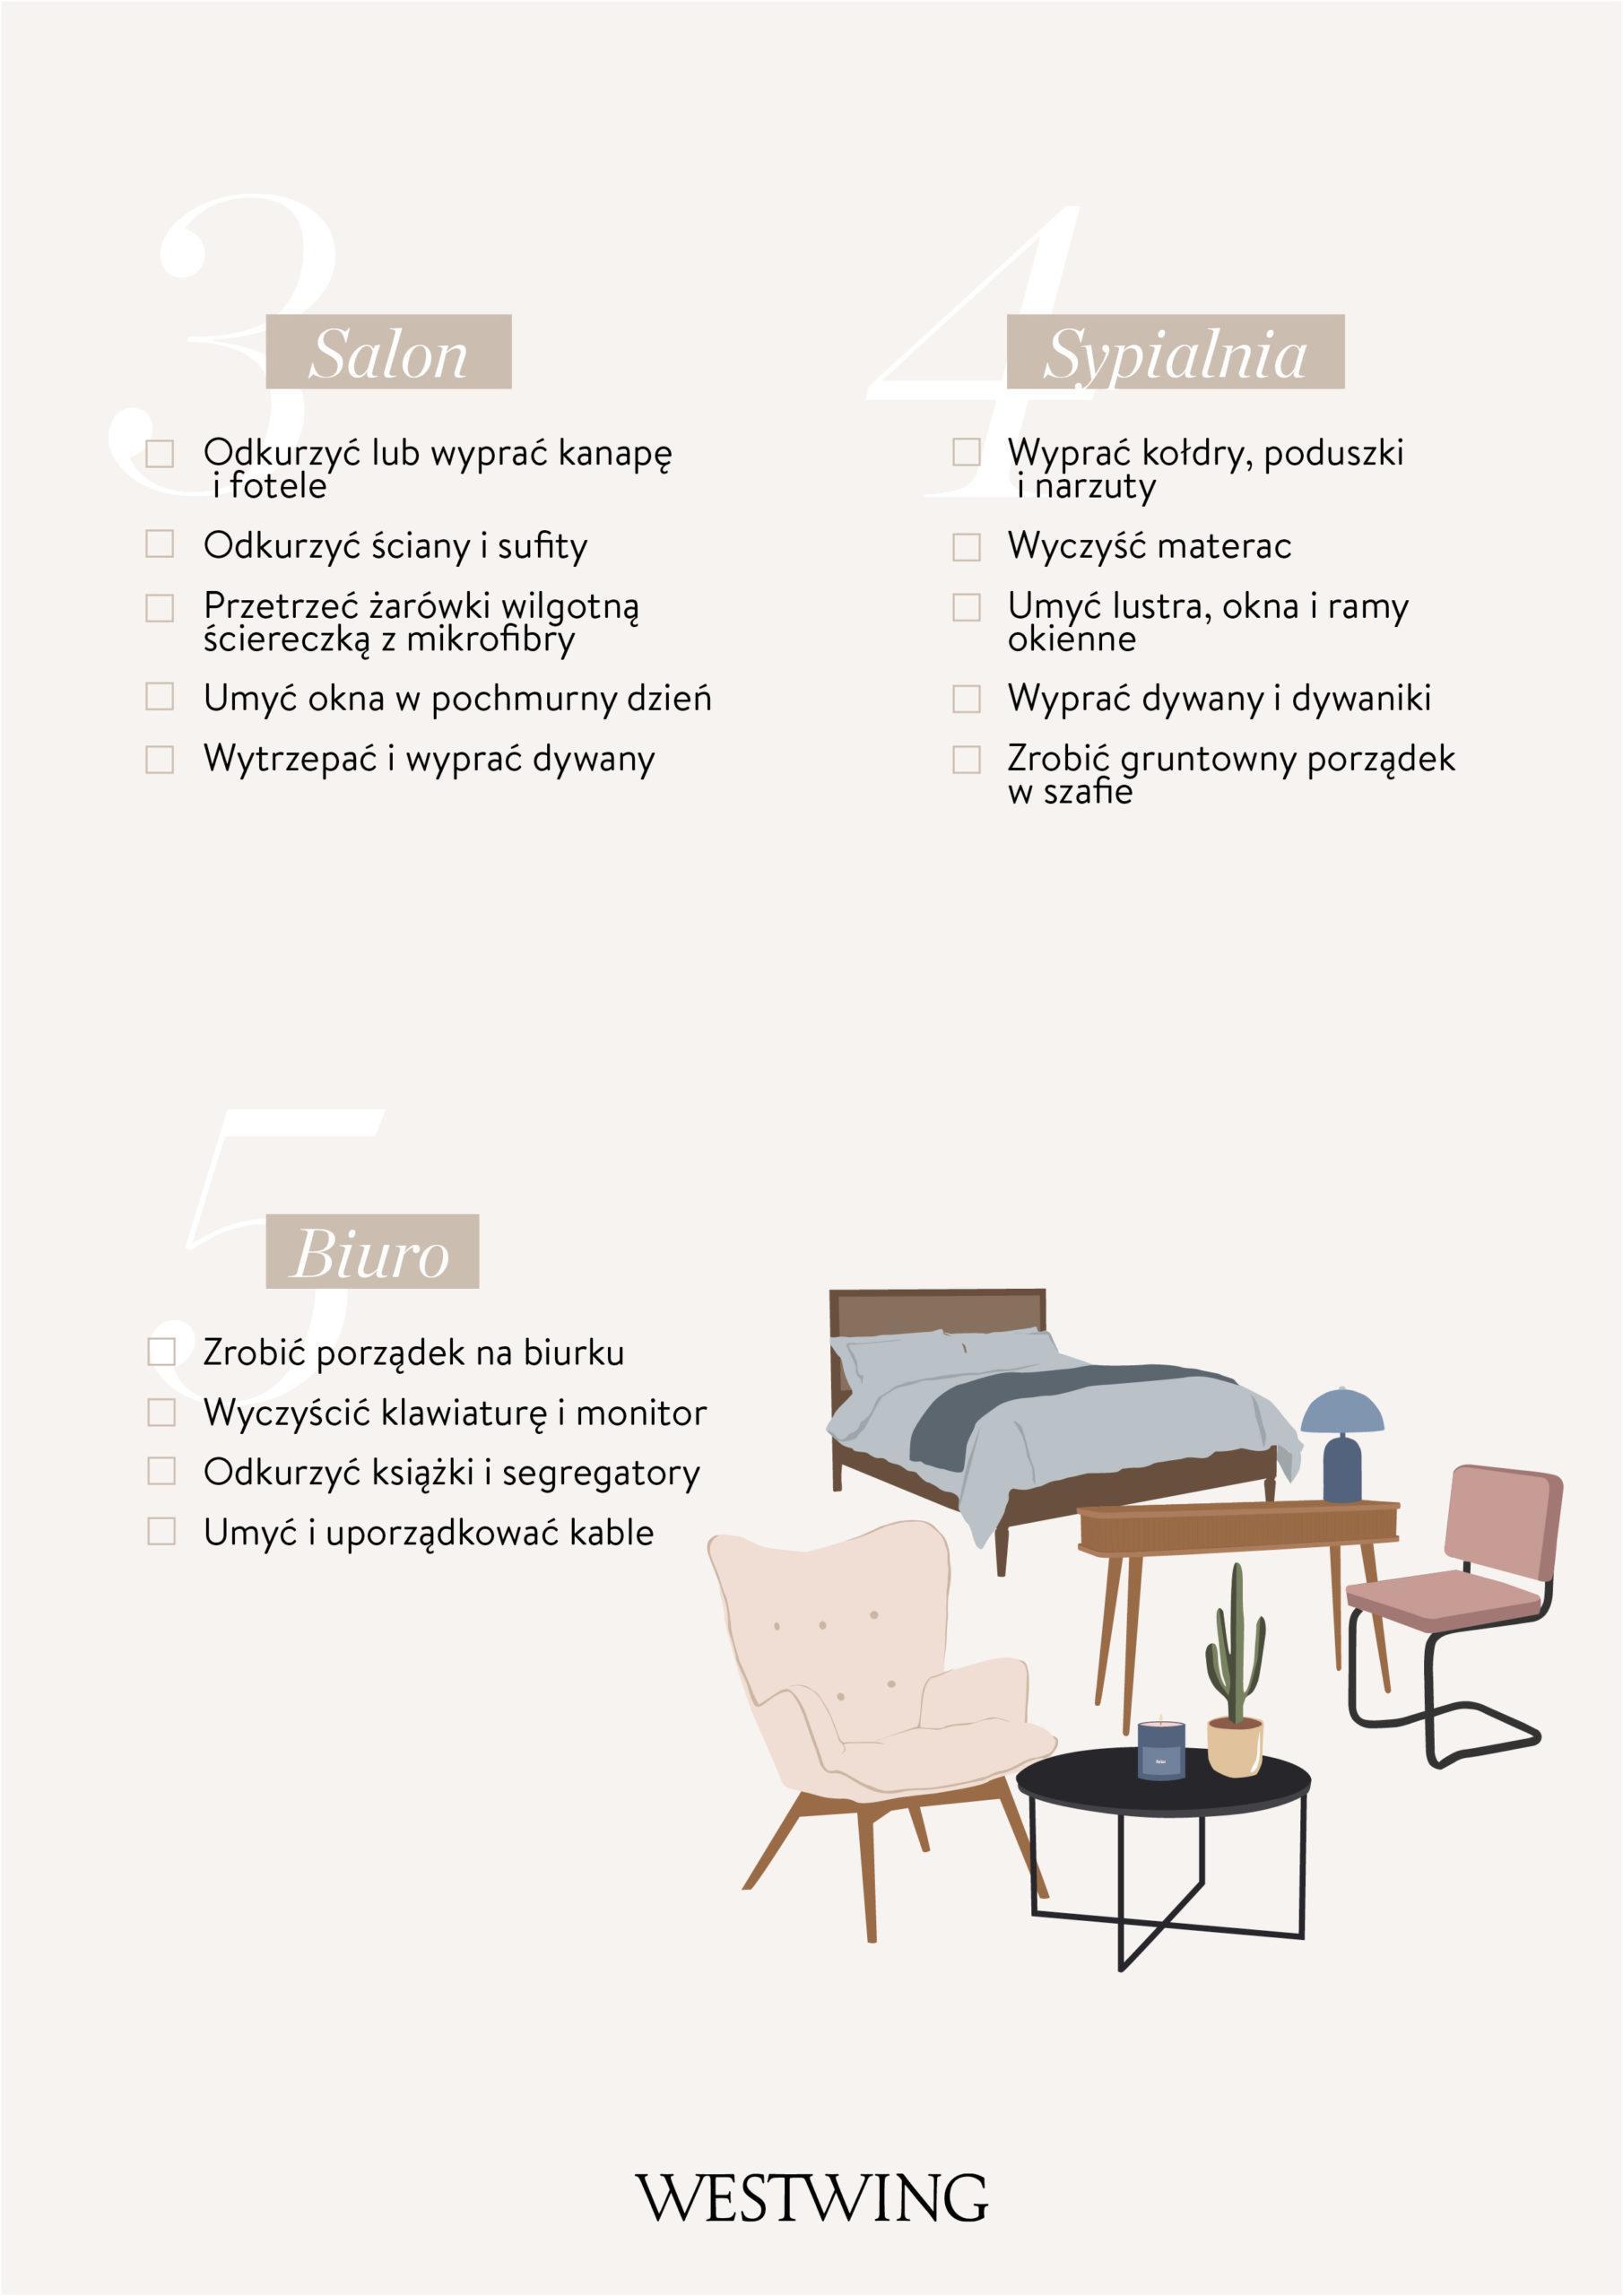 wiosenne porządki checklista sypialnia łazienka